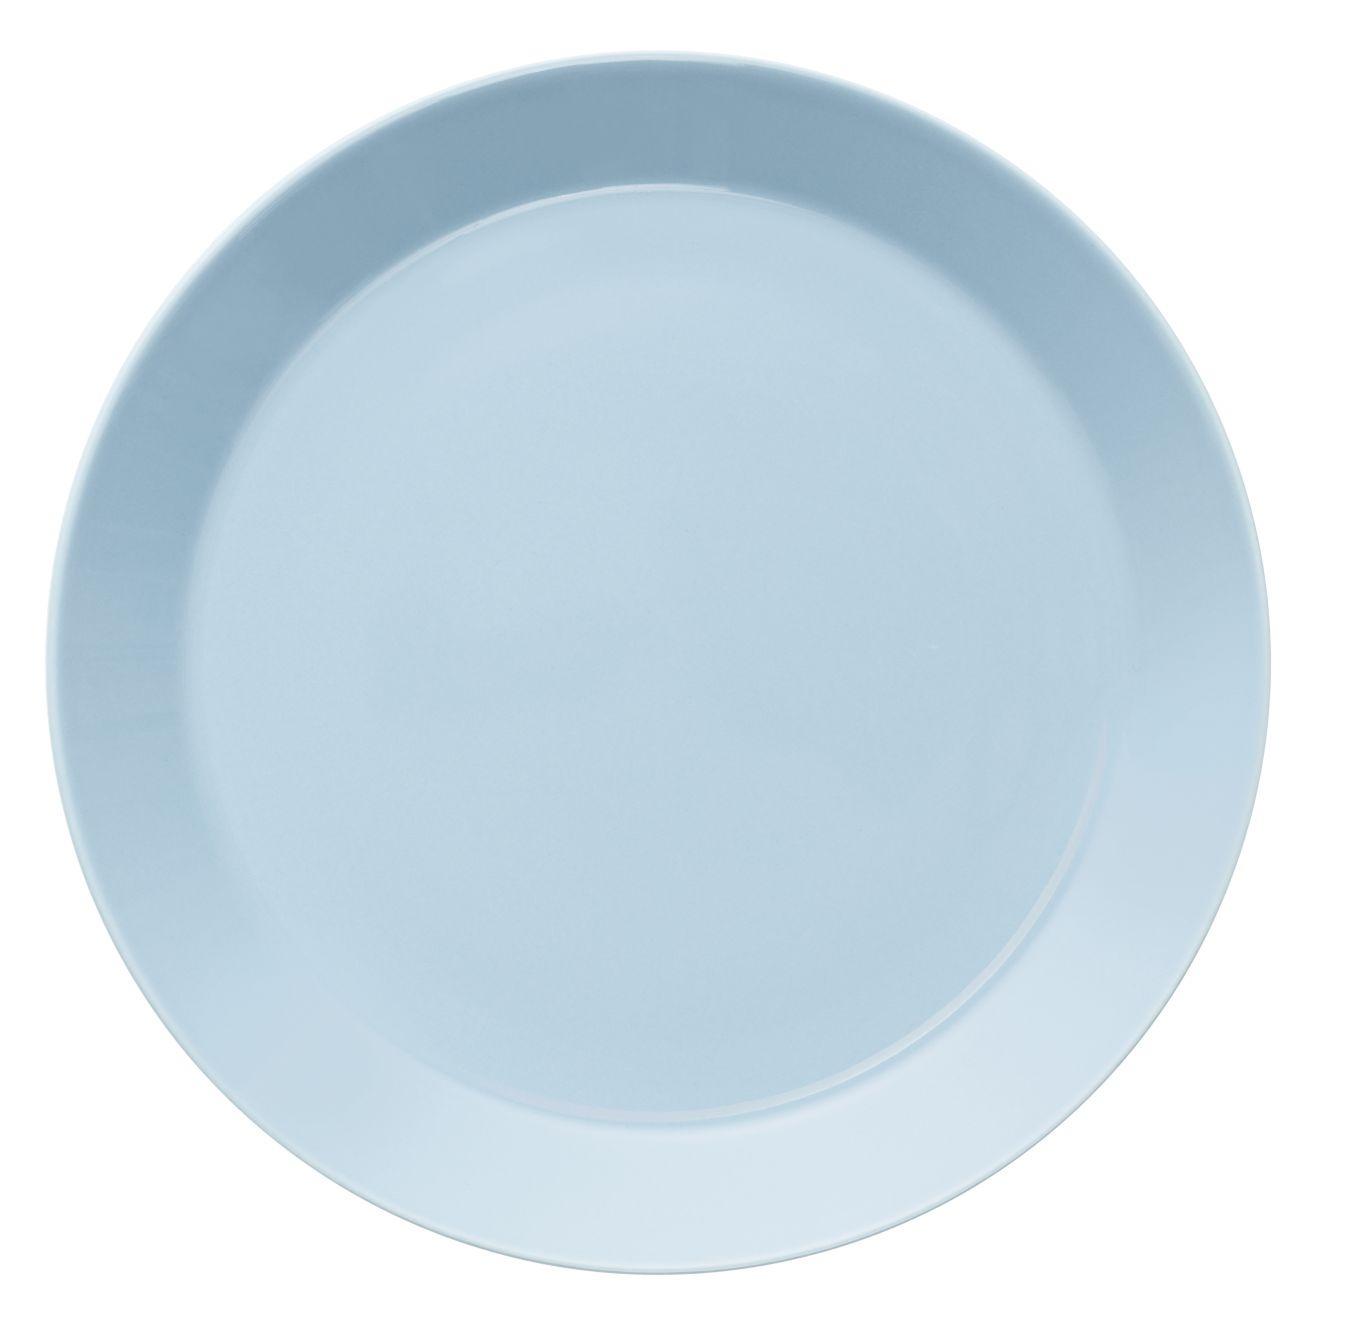 Teema_plate_26cm_light_blue_6411923657877.jpg